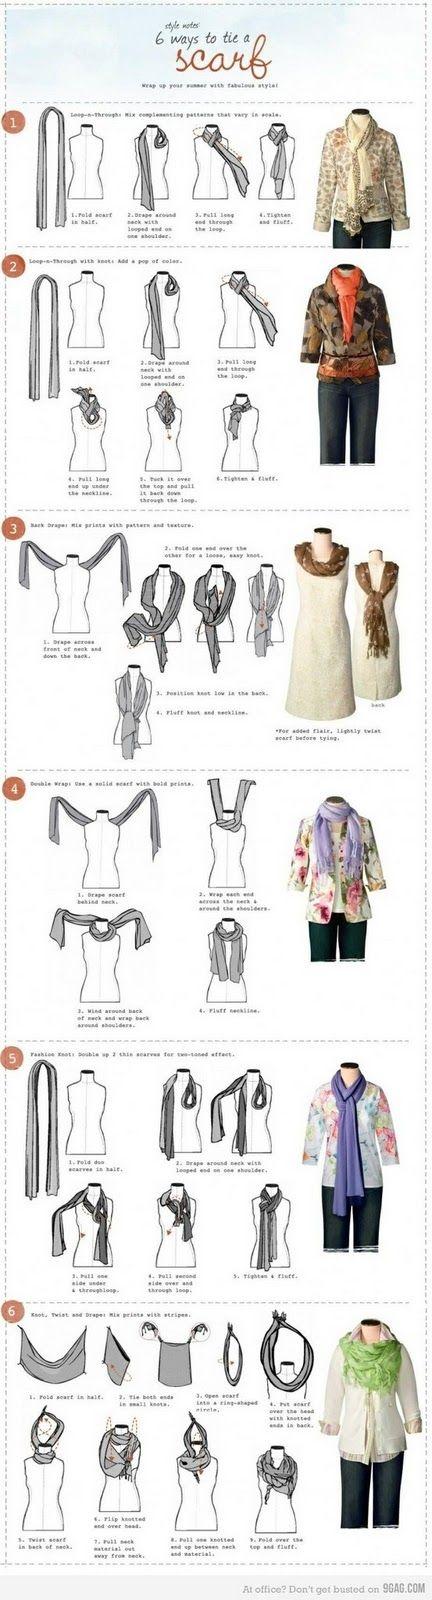 ways to wear a scarf.